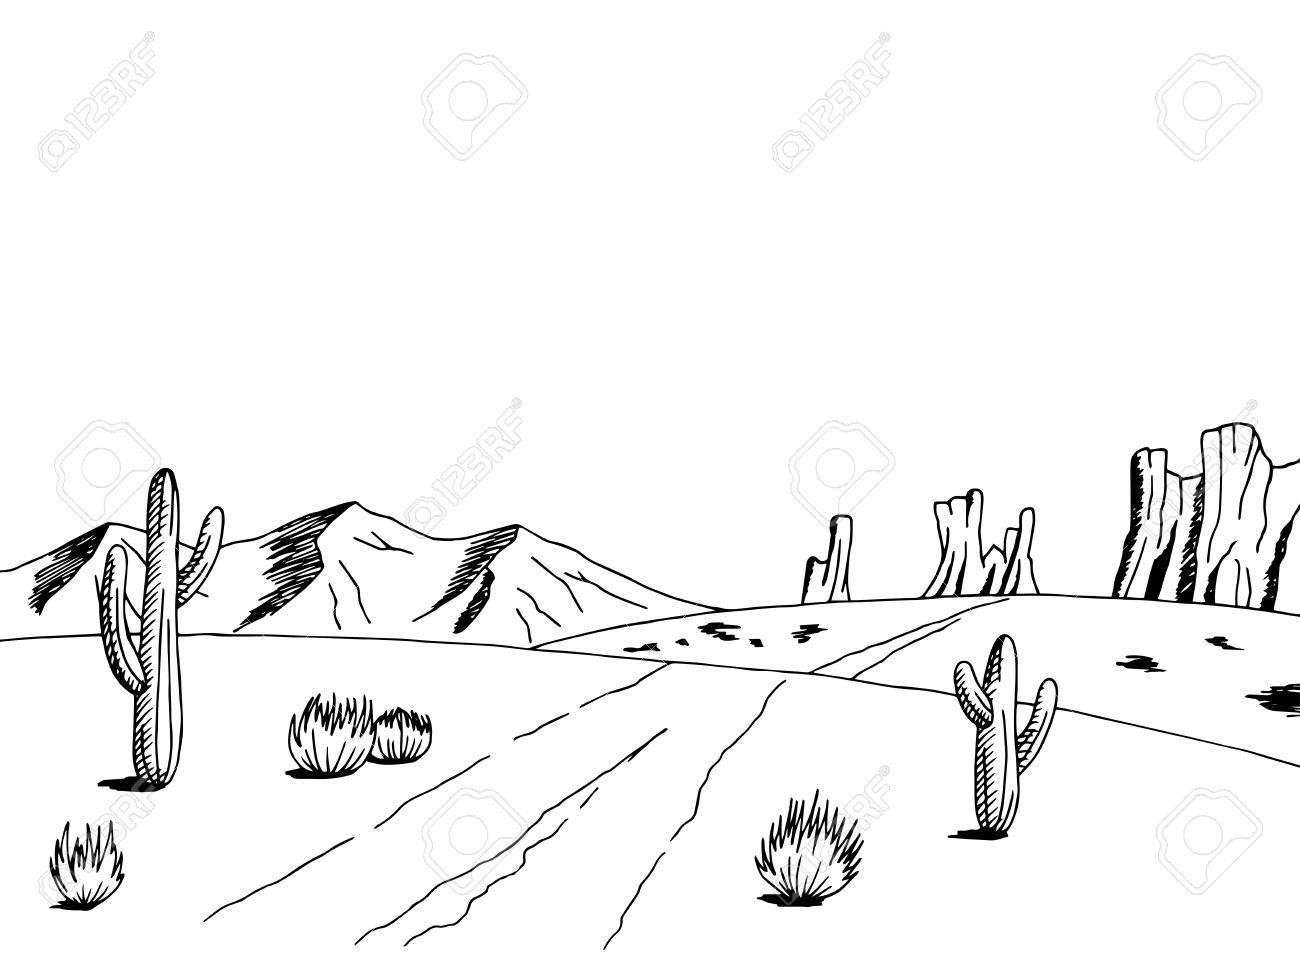 Desert clipart black and white 3 » Clipart Station.